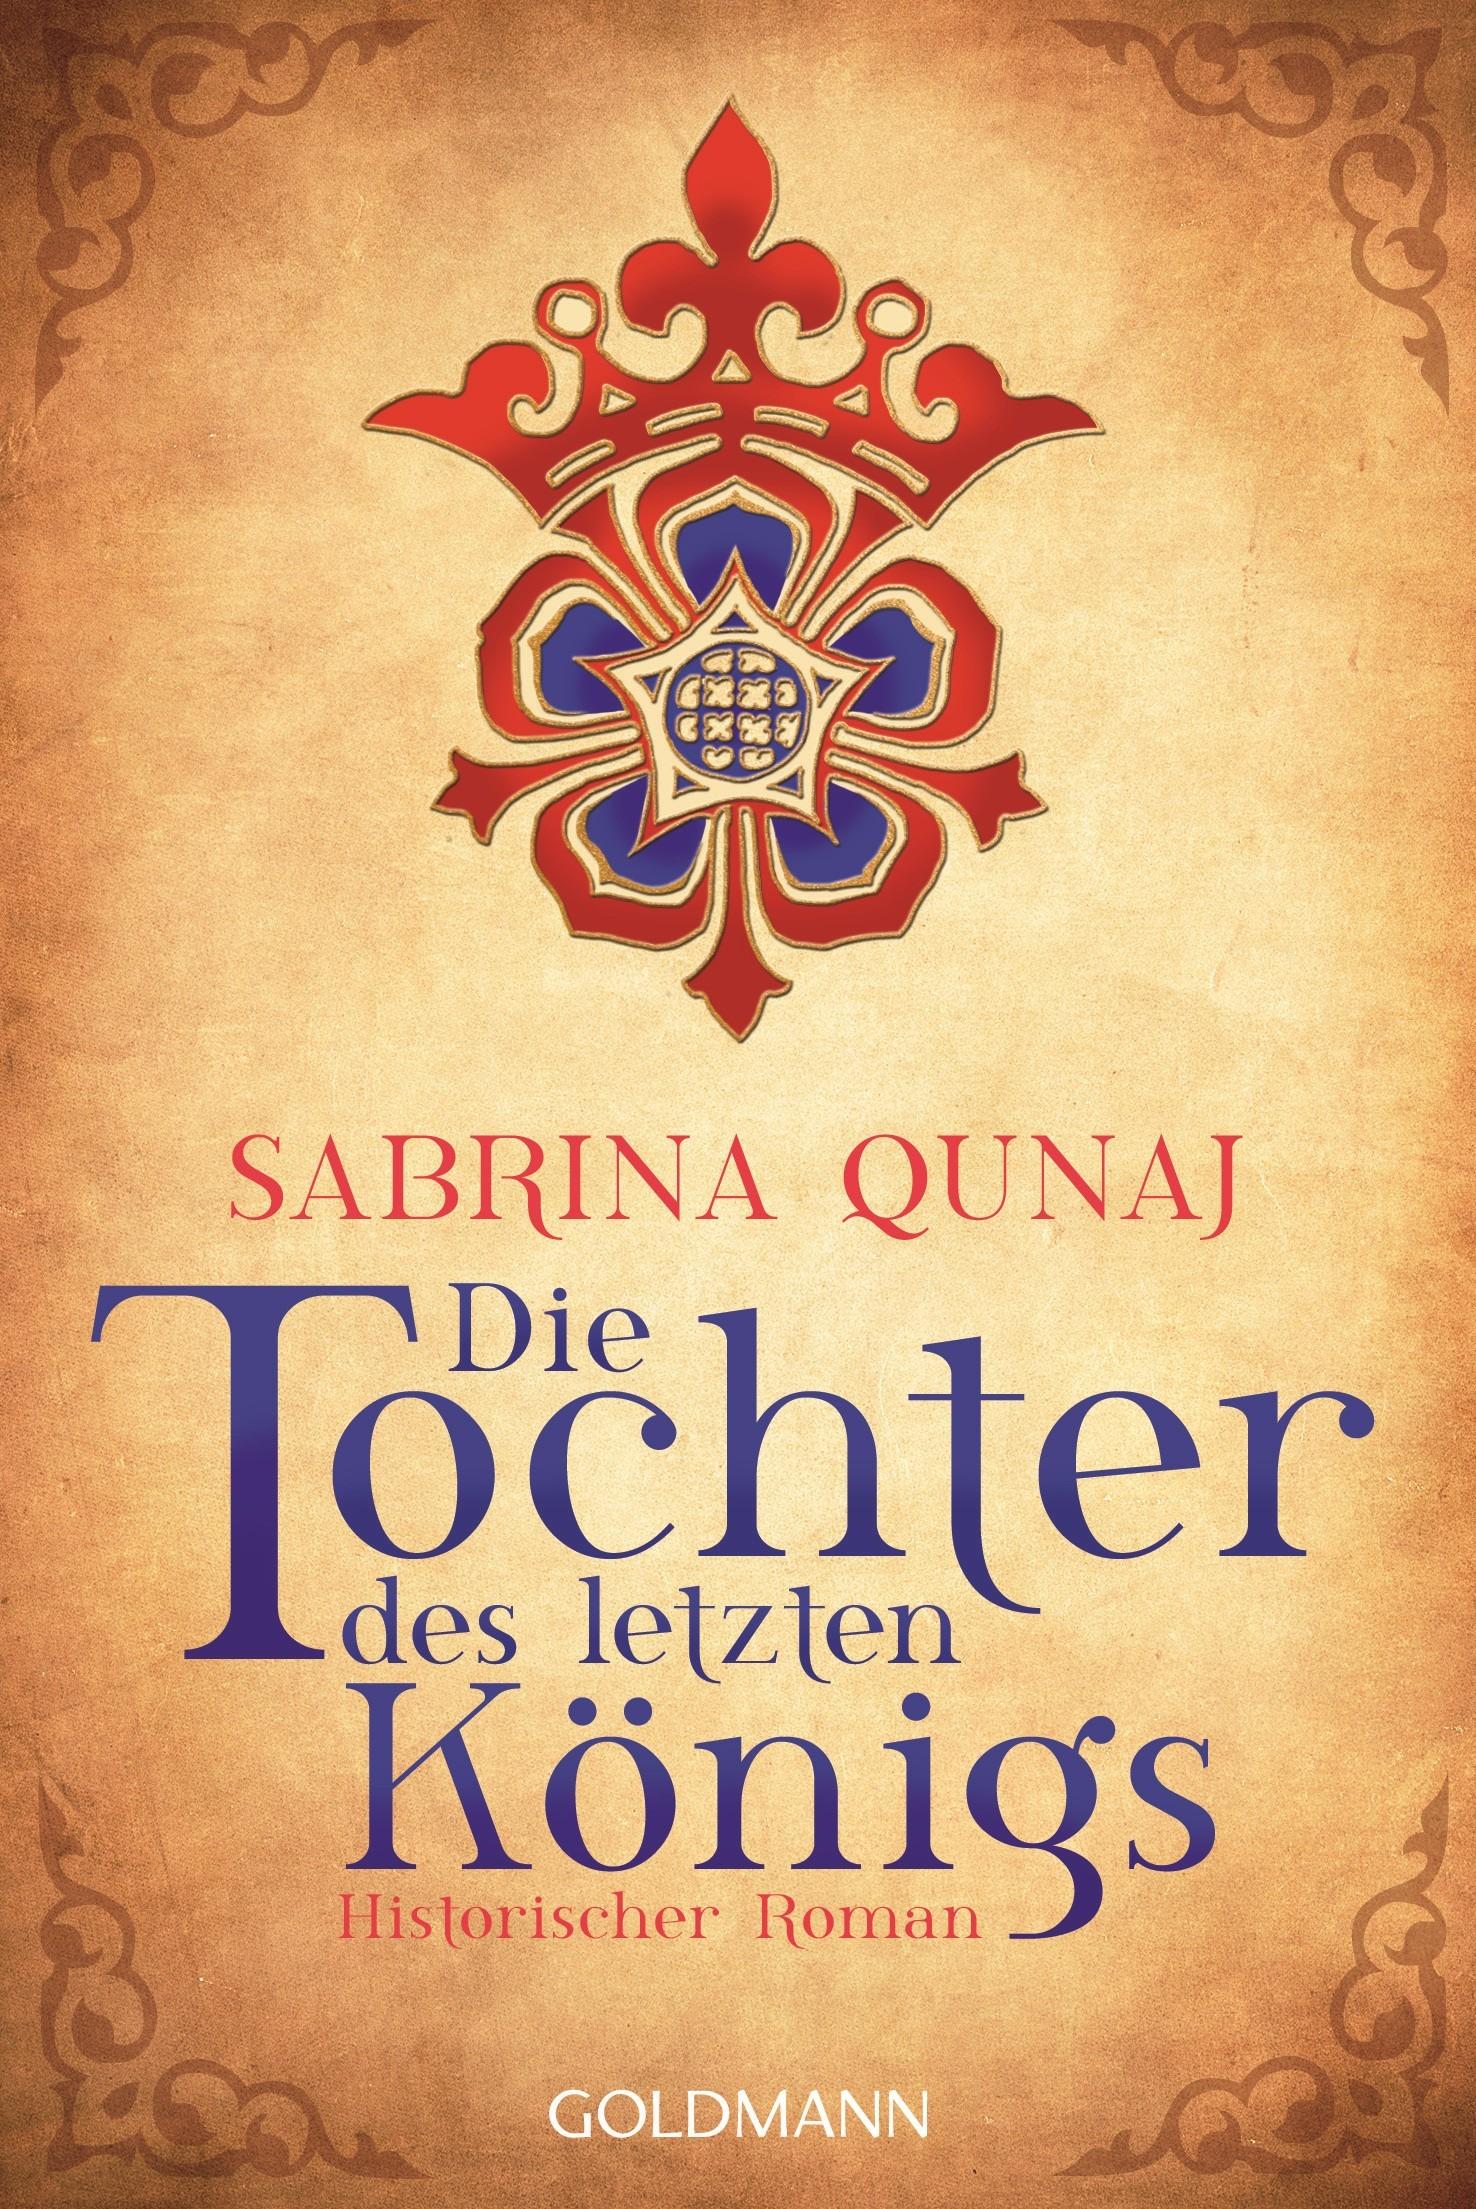 Die Tochter des letzten Königs - Sabrina Qunai